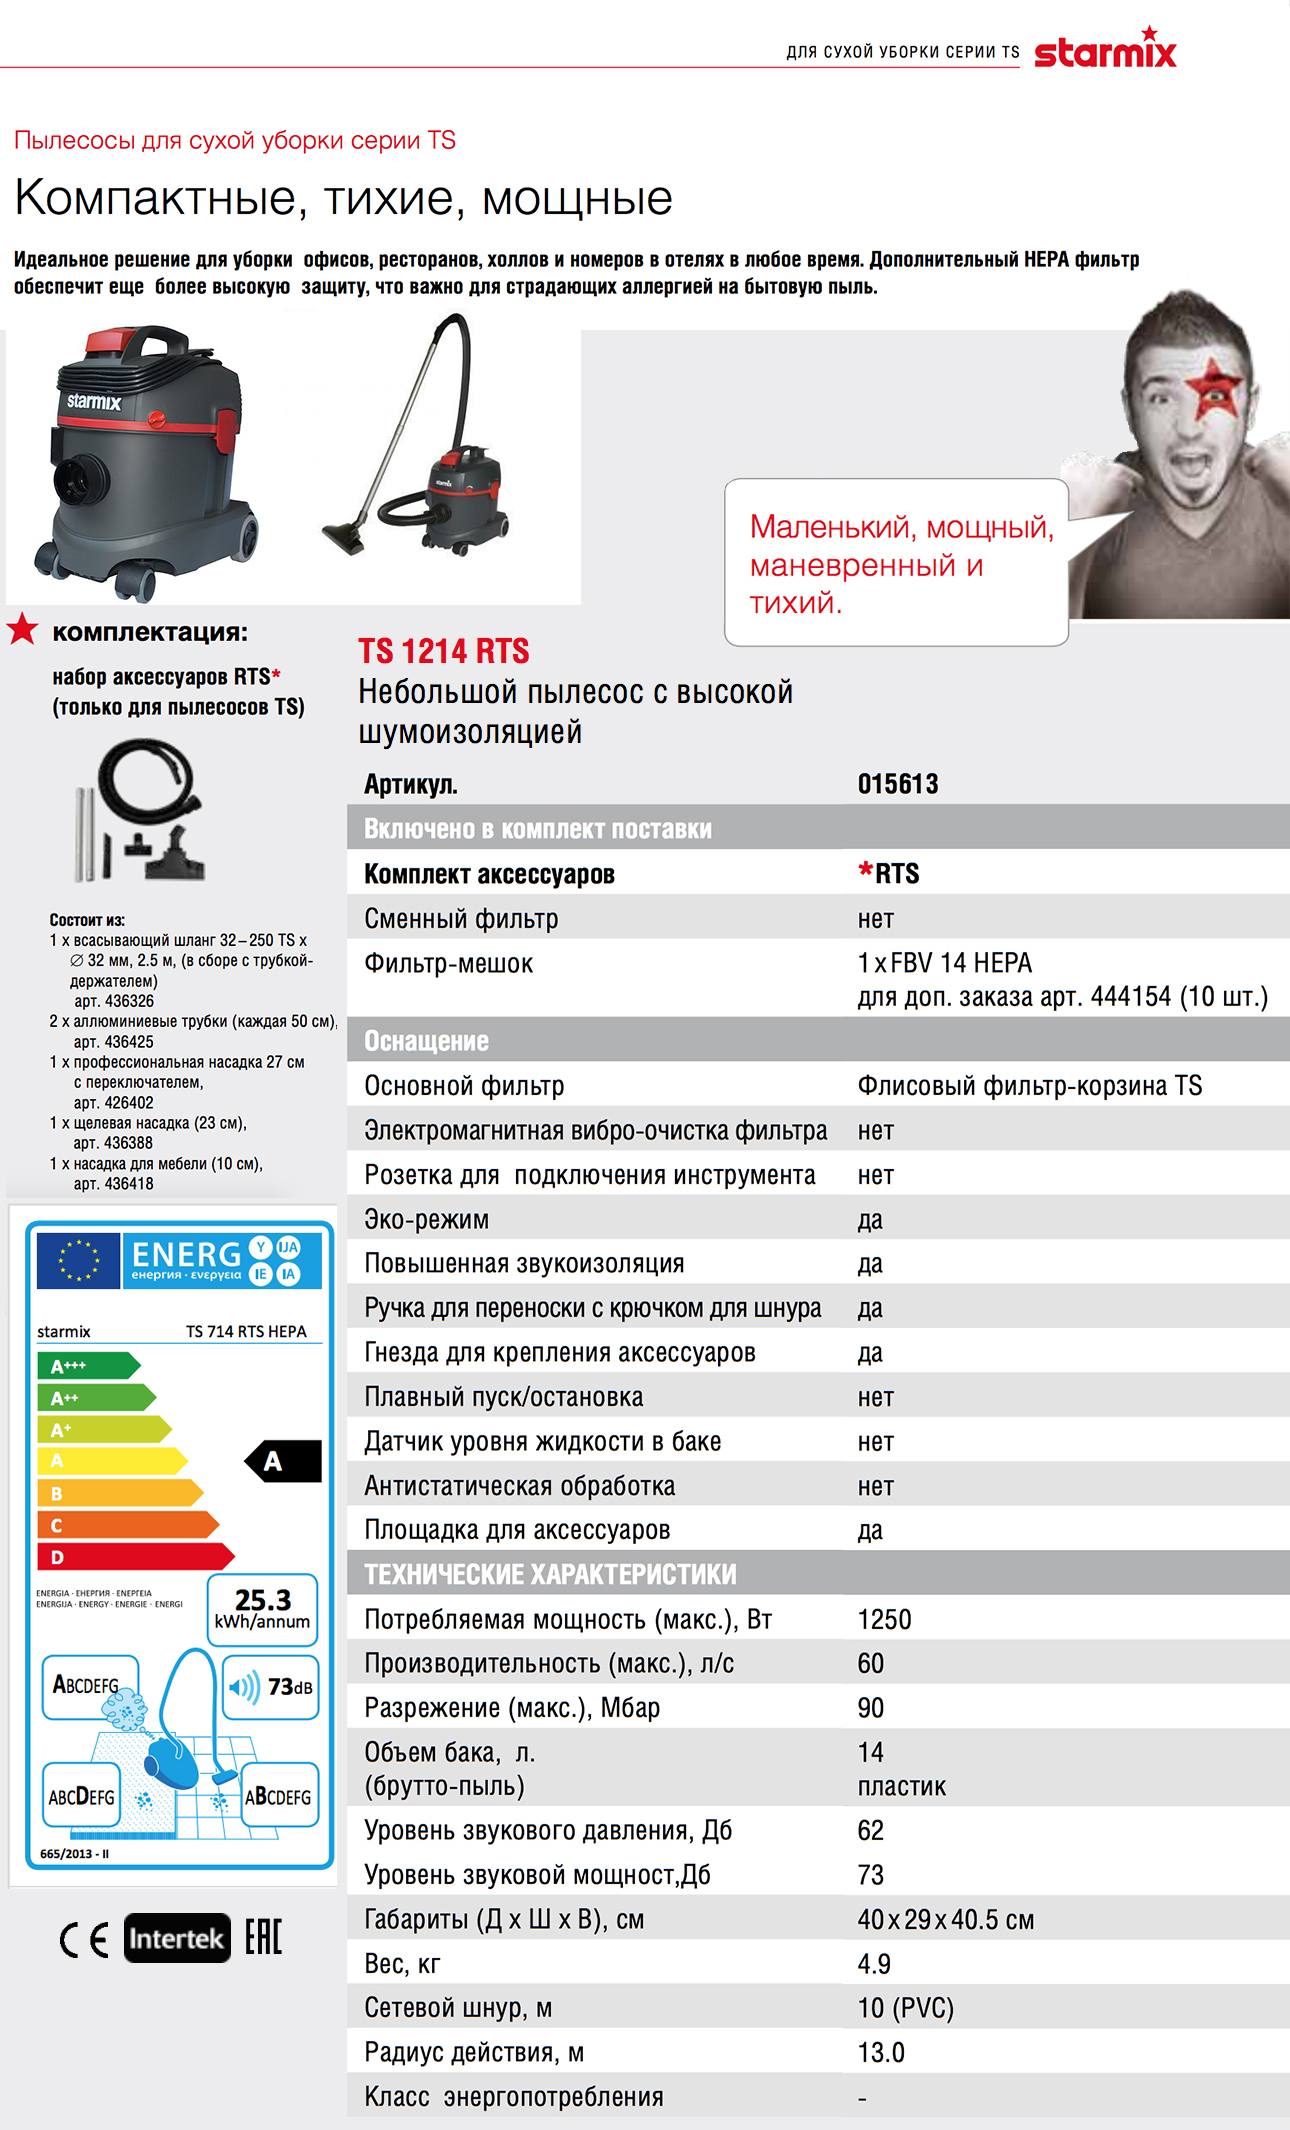 Профессиональный пылесос для сухой уборки Starmix TS 1214 RTS купить цена